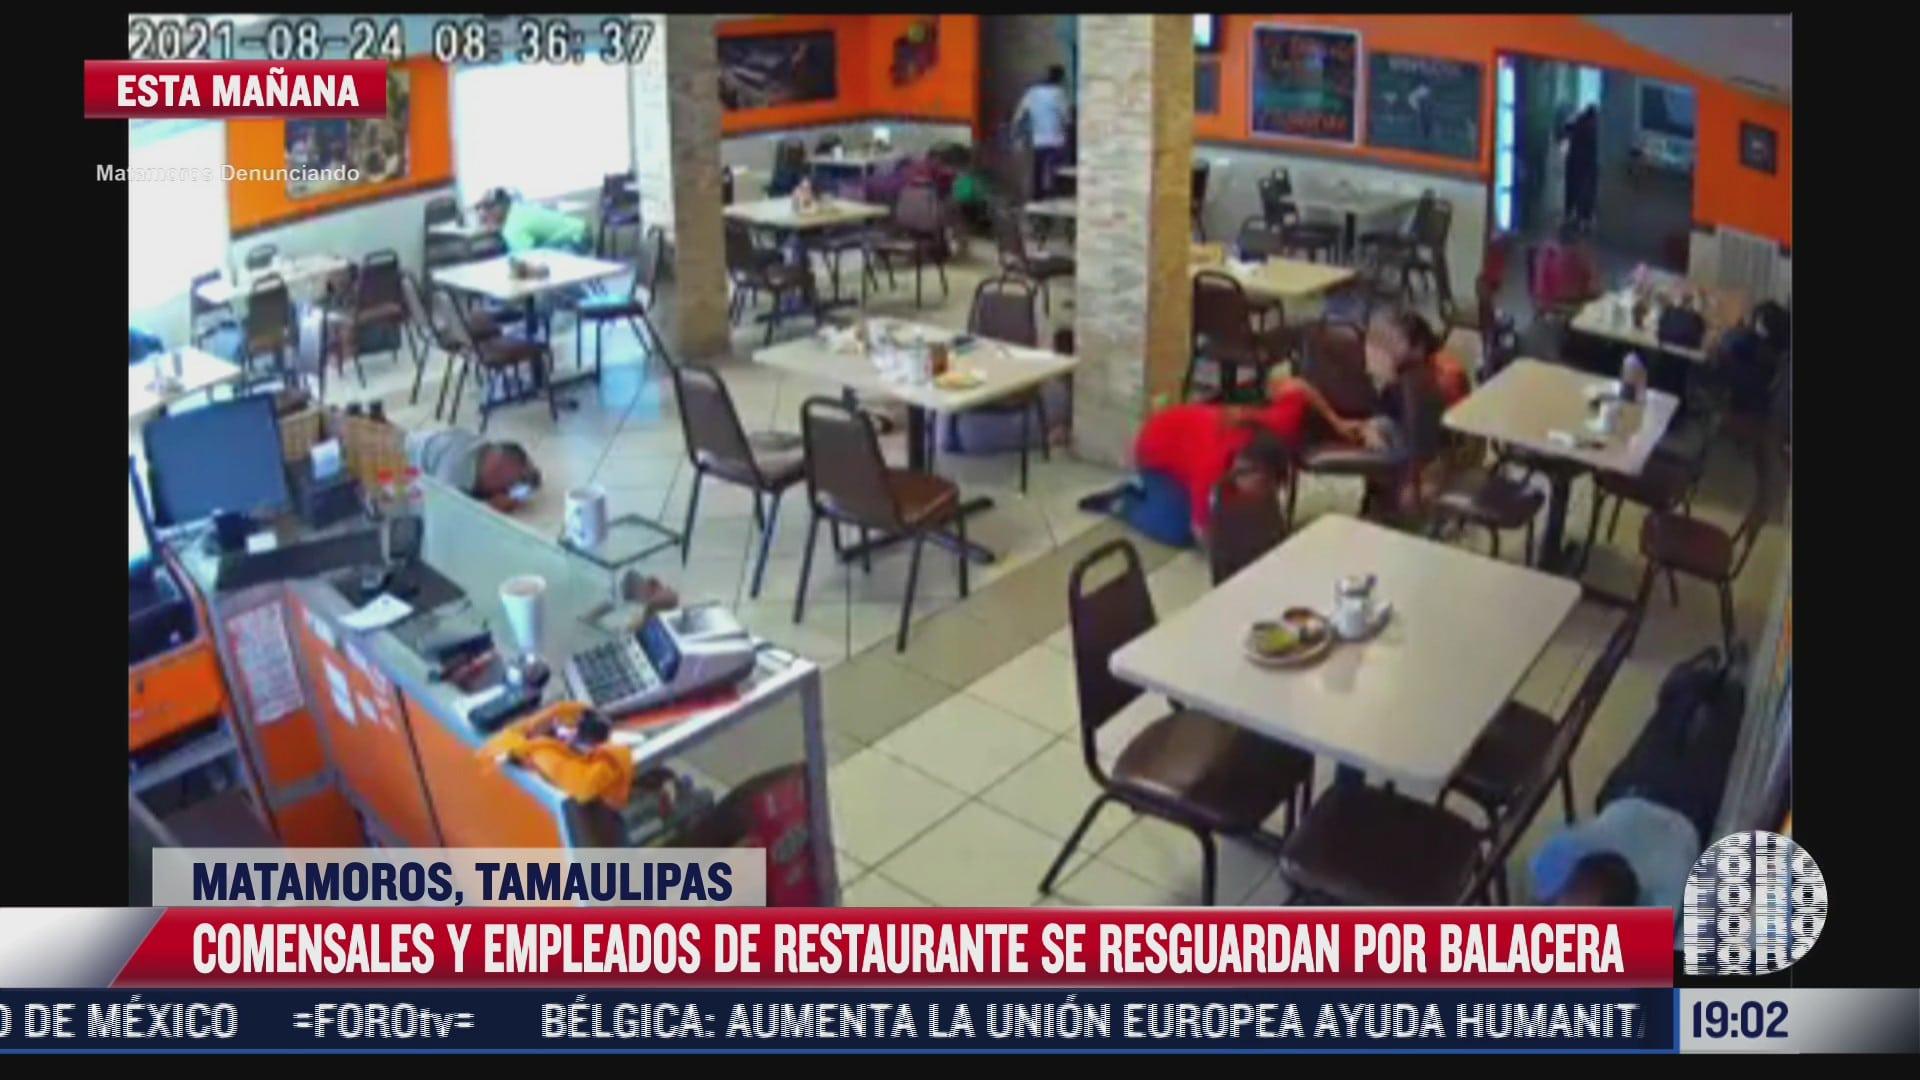 martes de balaceras en matamoros tamaulipas